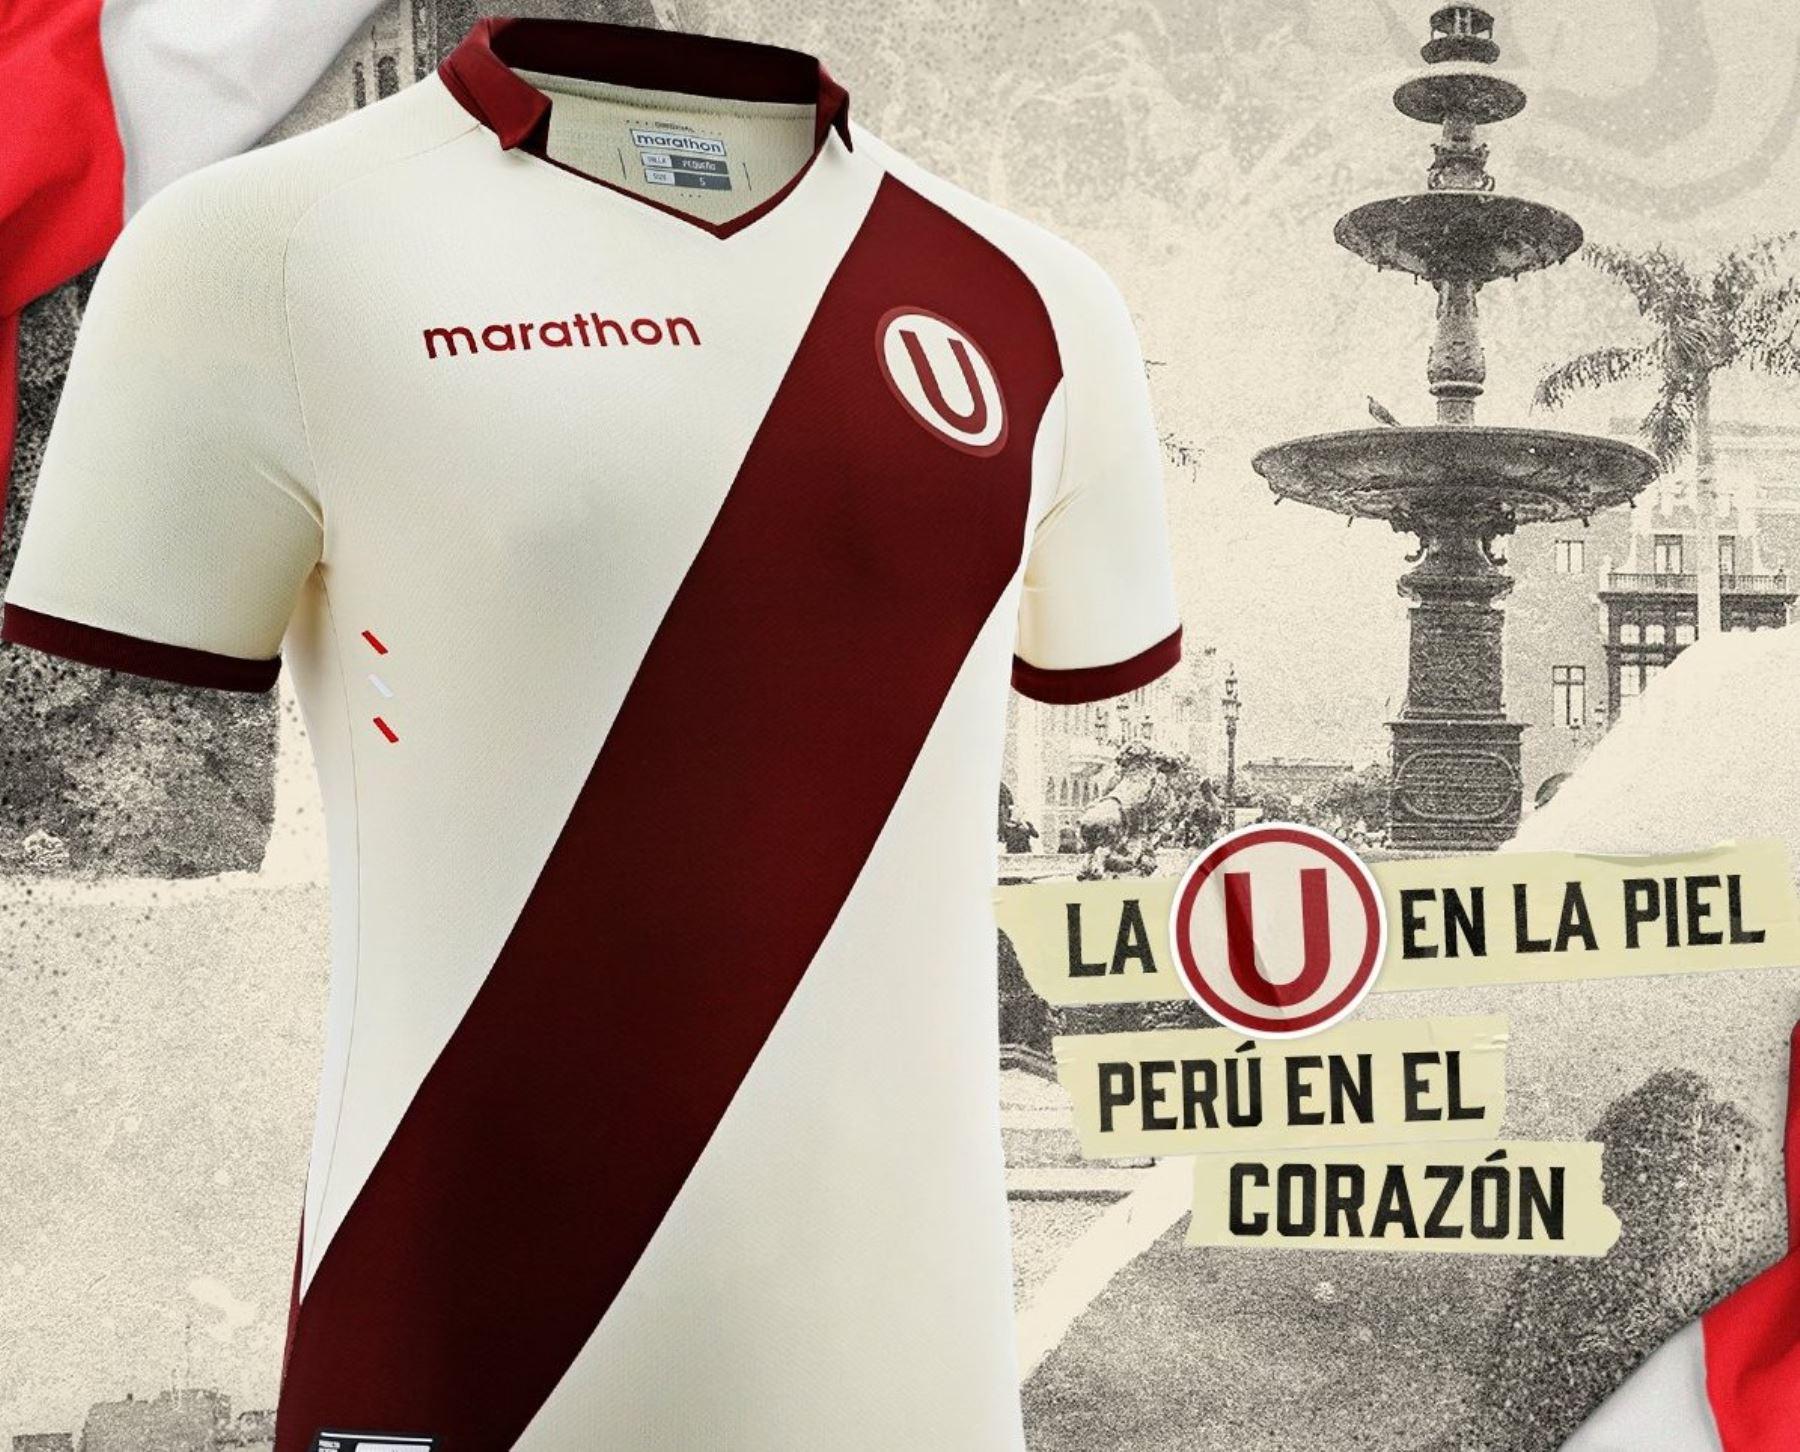 Camiseta de Universitario que conmemora el Bicentenario del Perú